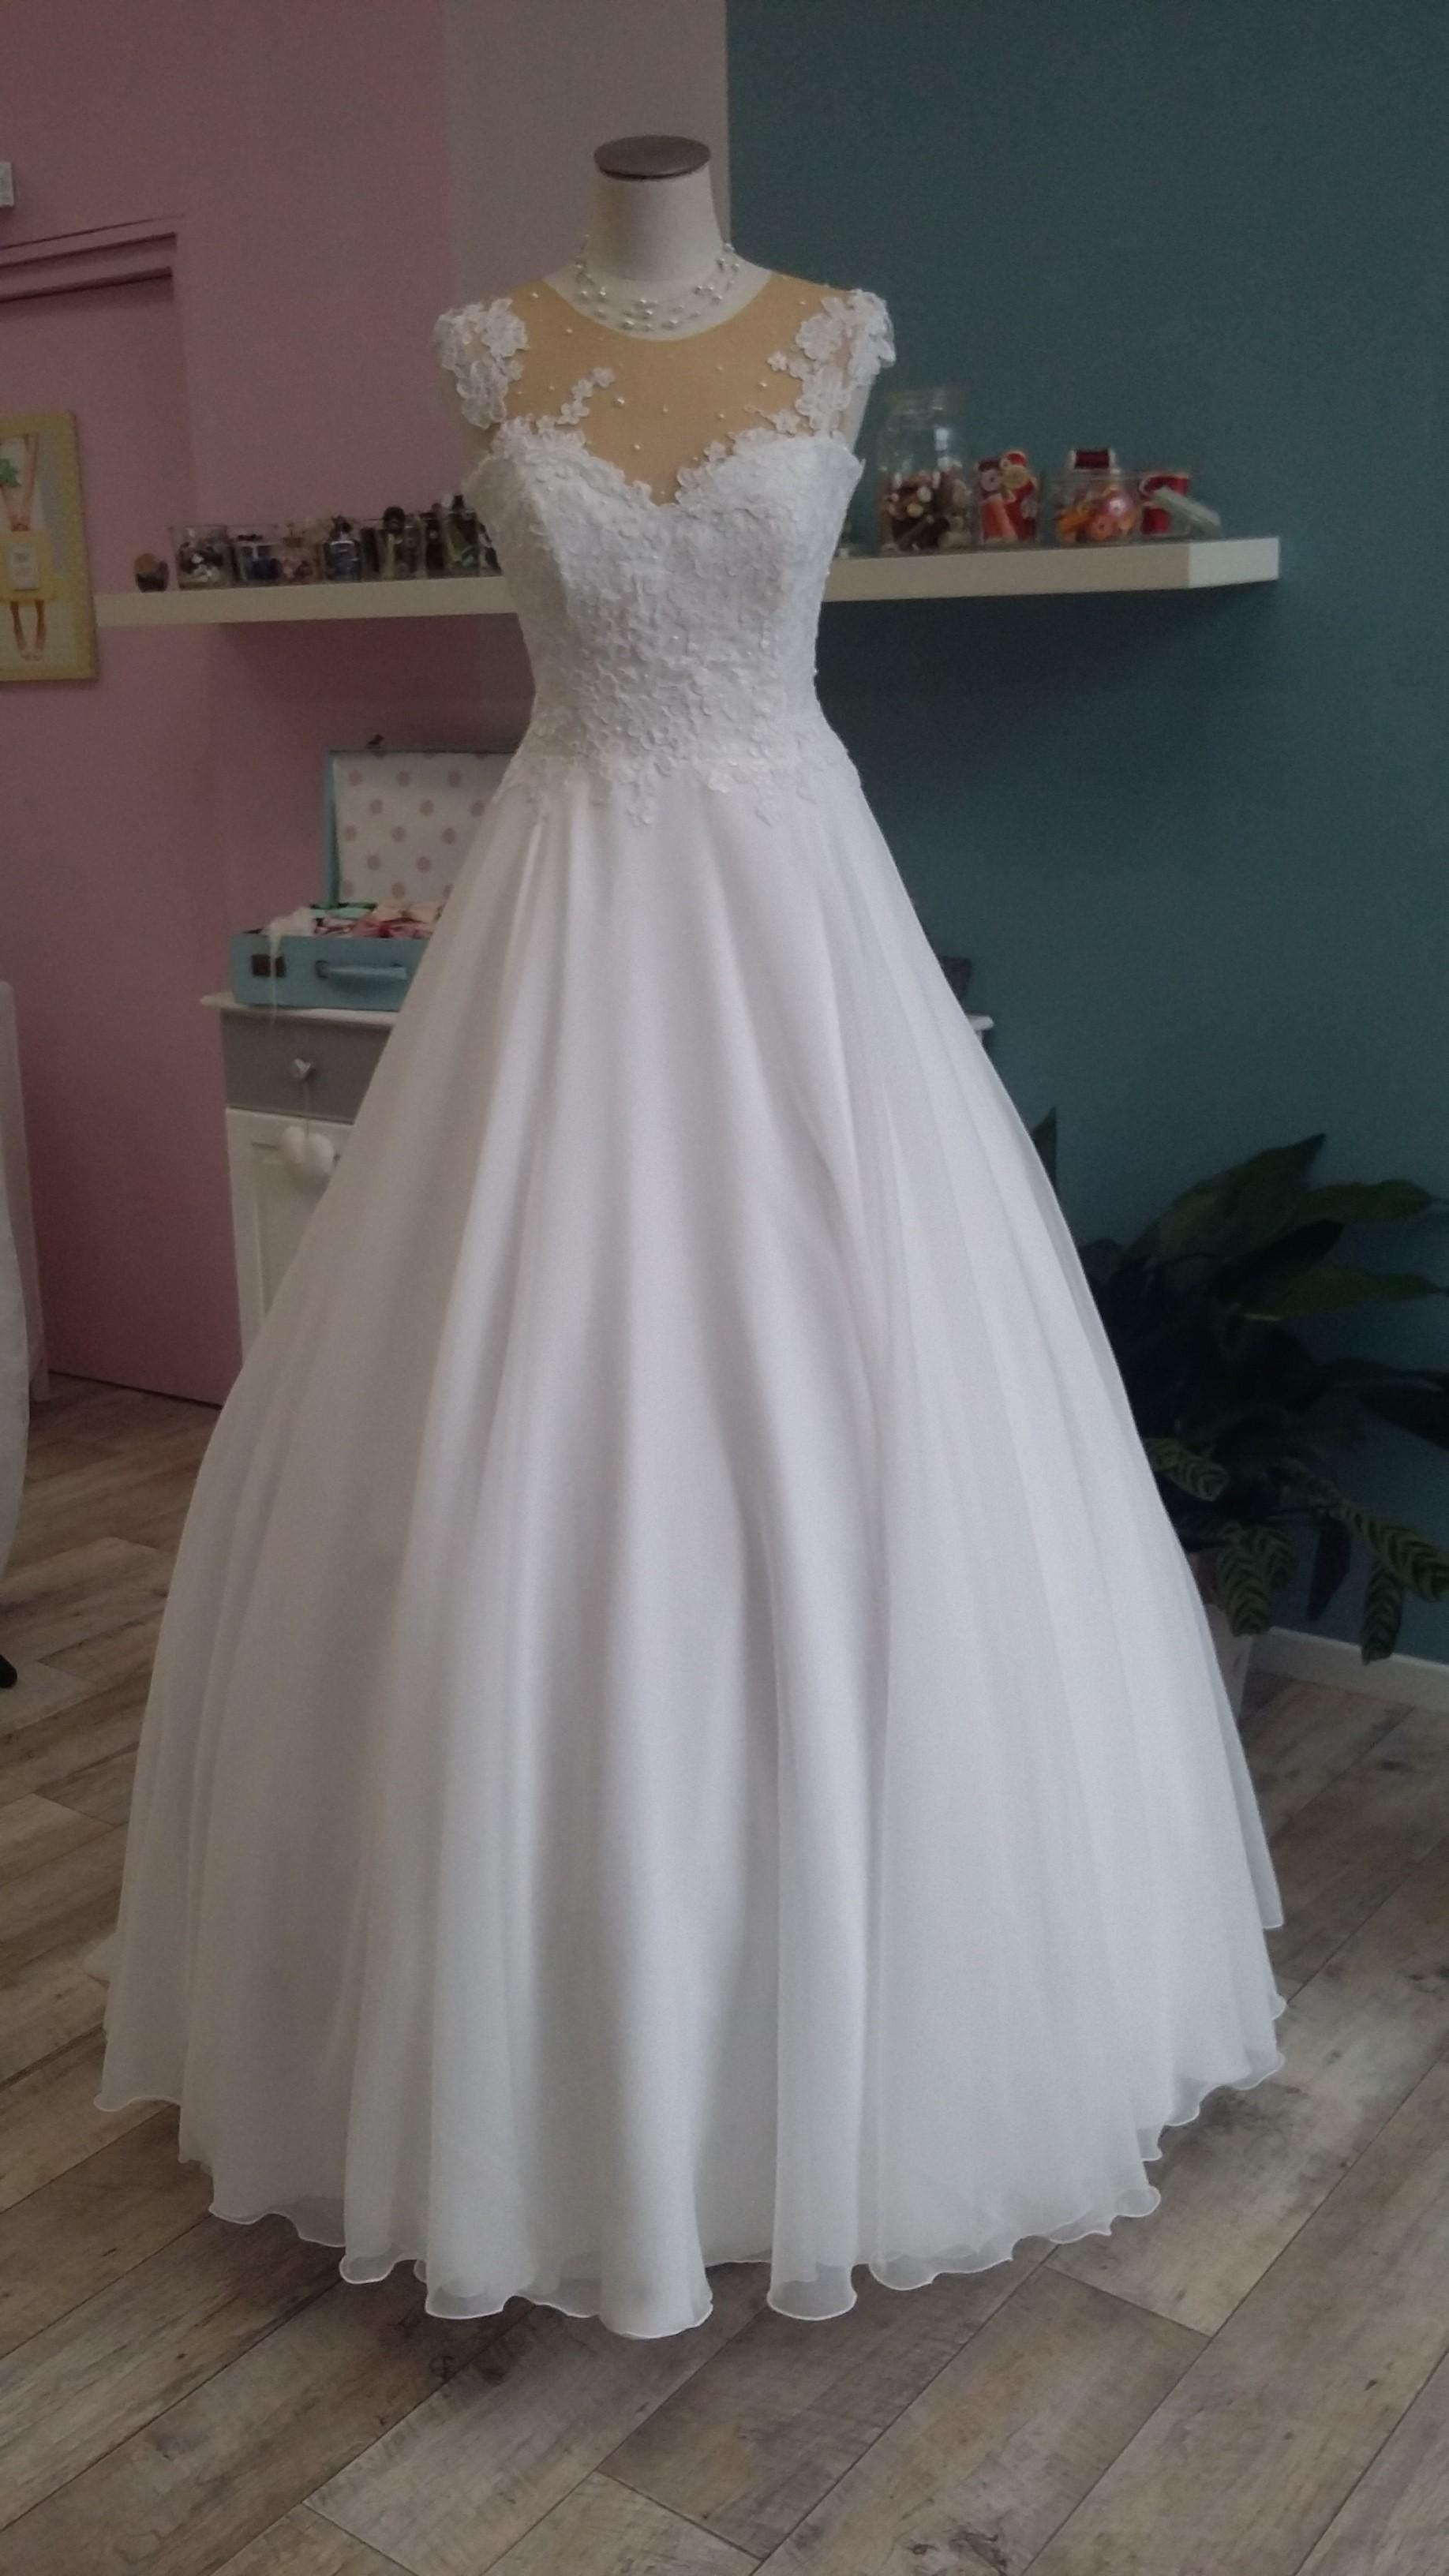 Robe de mariée à domicile - SOPHIA - robe princesse - Cholet - Boutique de mariage 49 -, robe de mariée pas cher